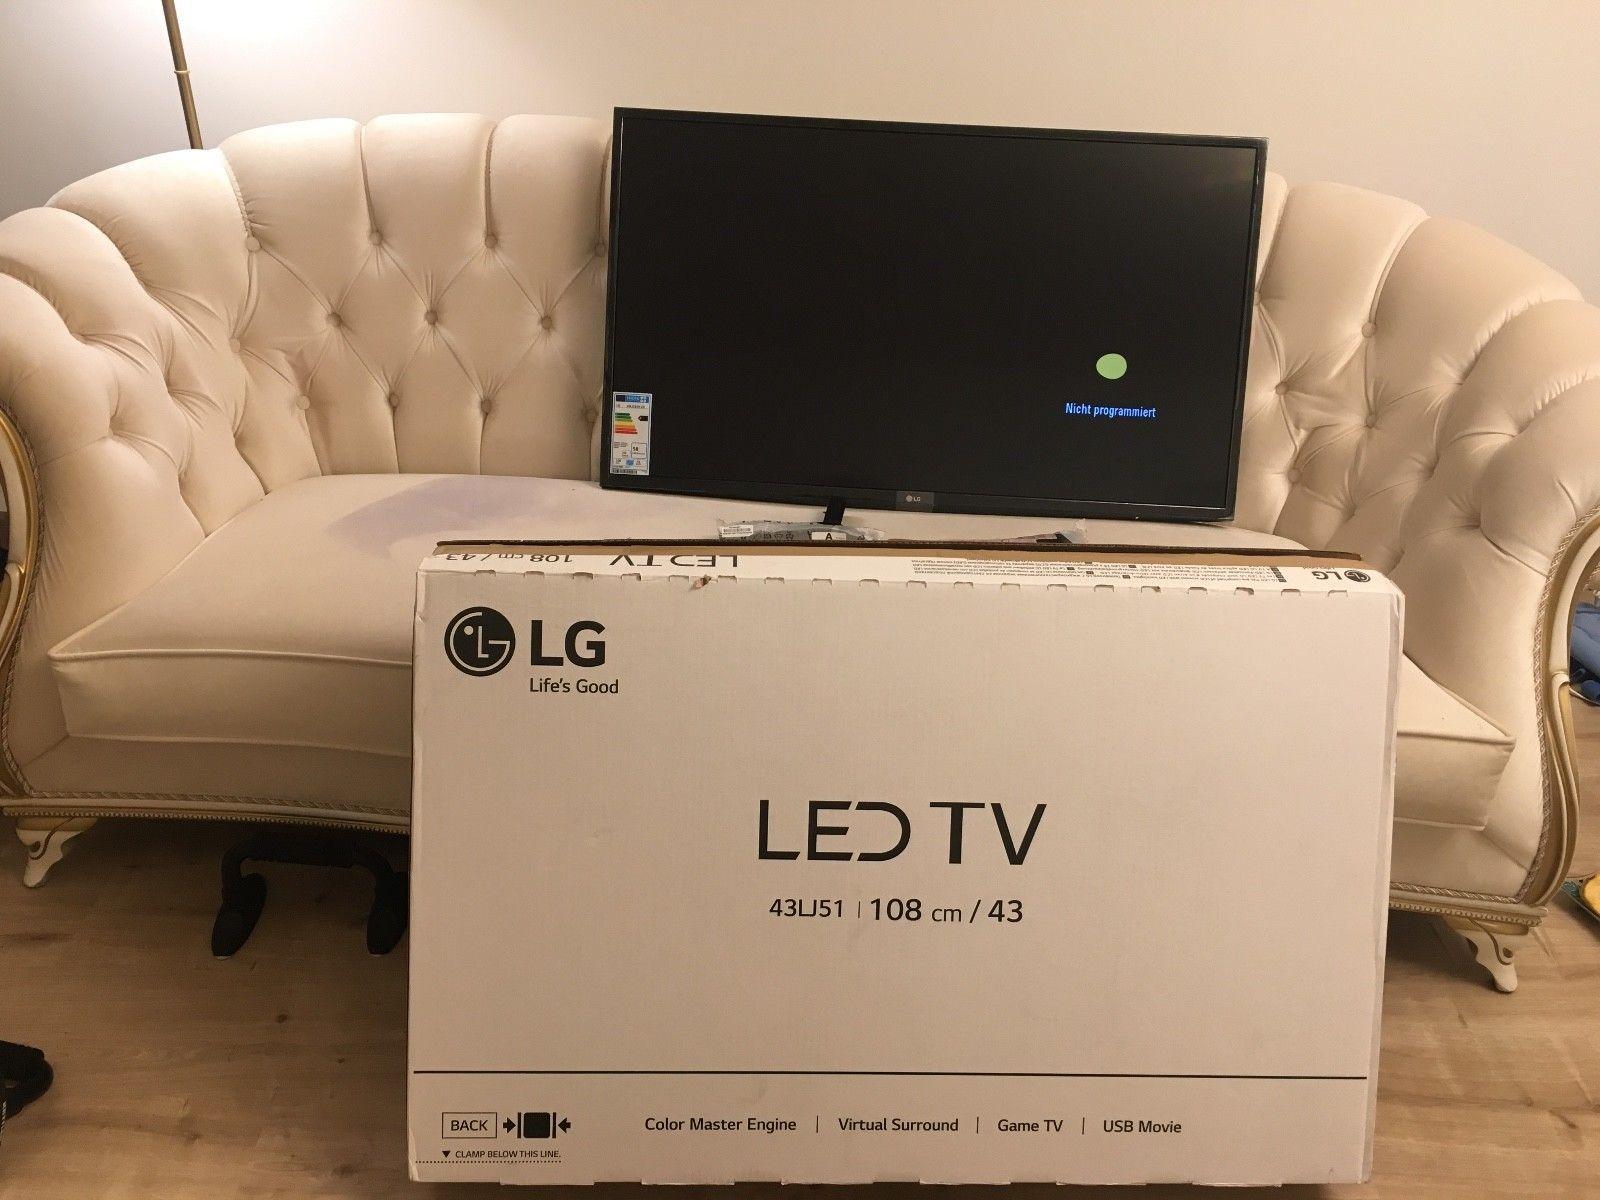 Ebay LED TV LG 43LJ515V LED TV mit sagenhaften 108cm 43 Zoll Bildschirmdiagonale